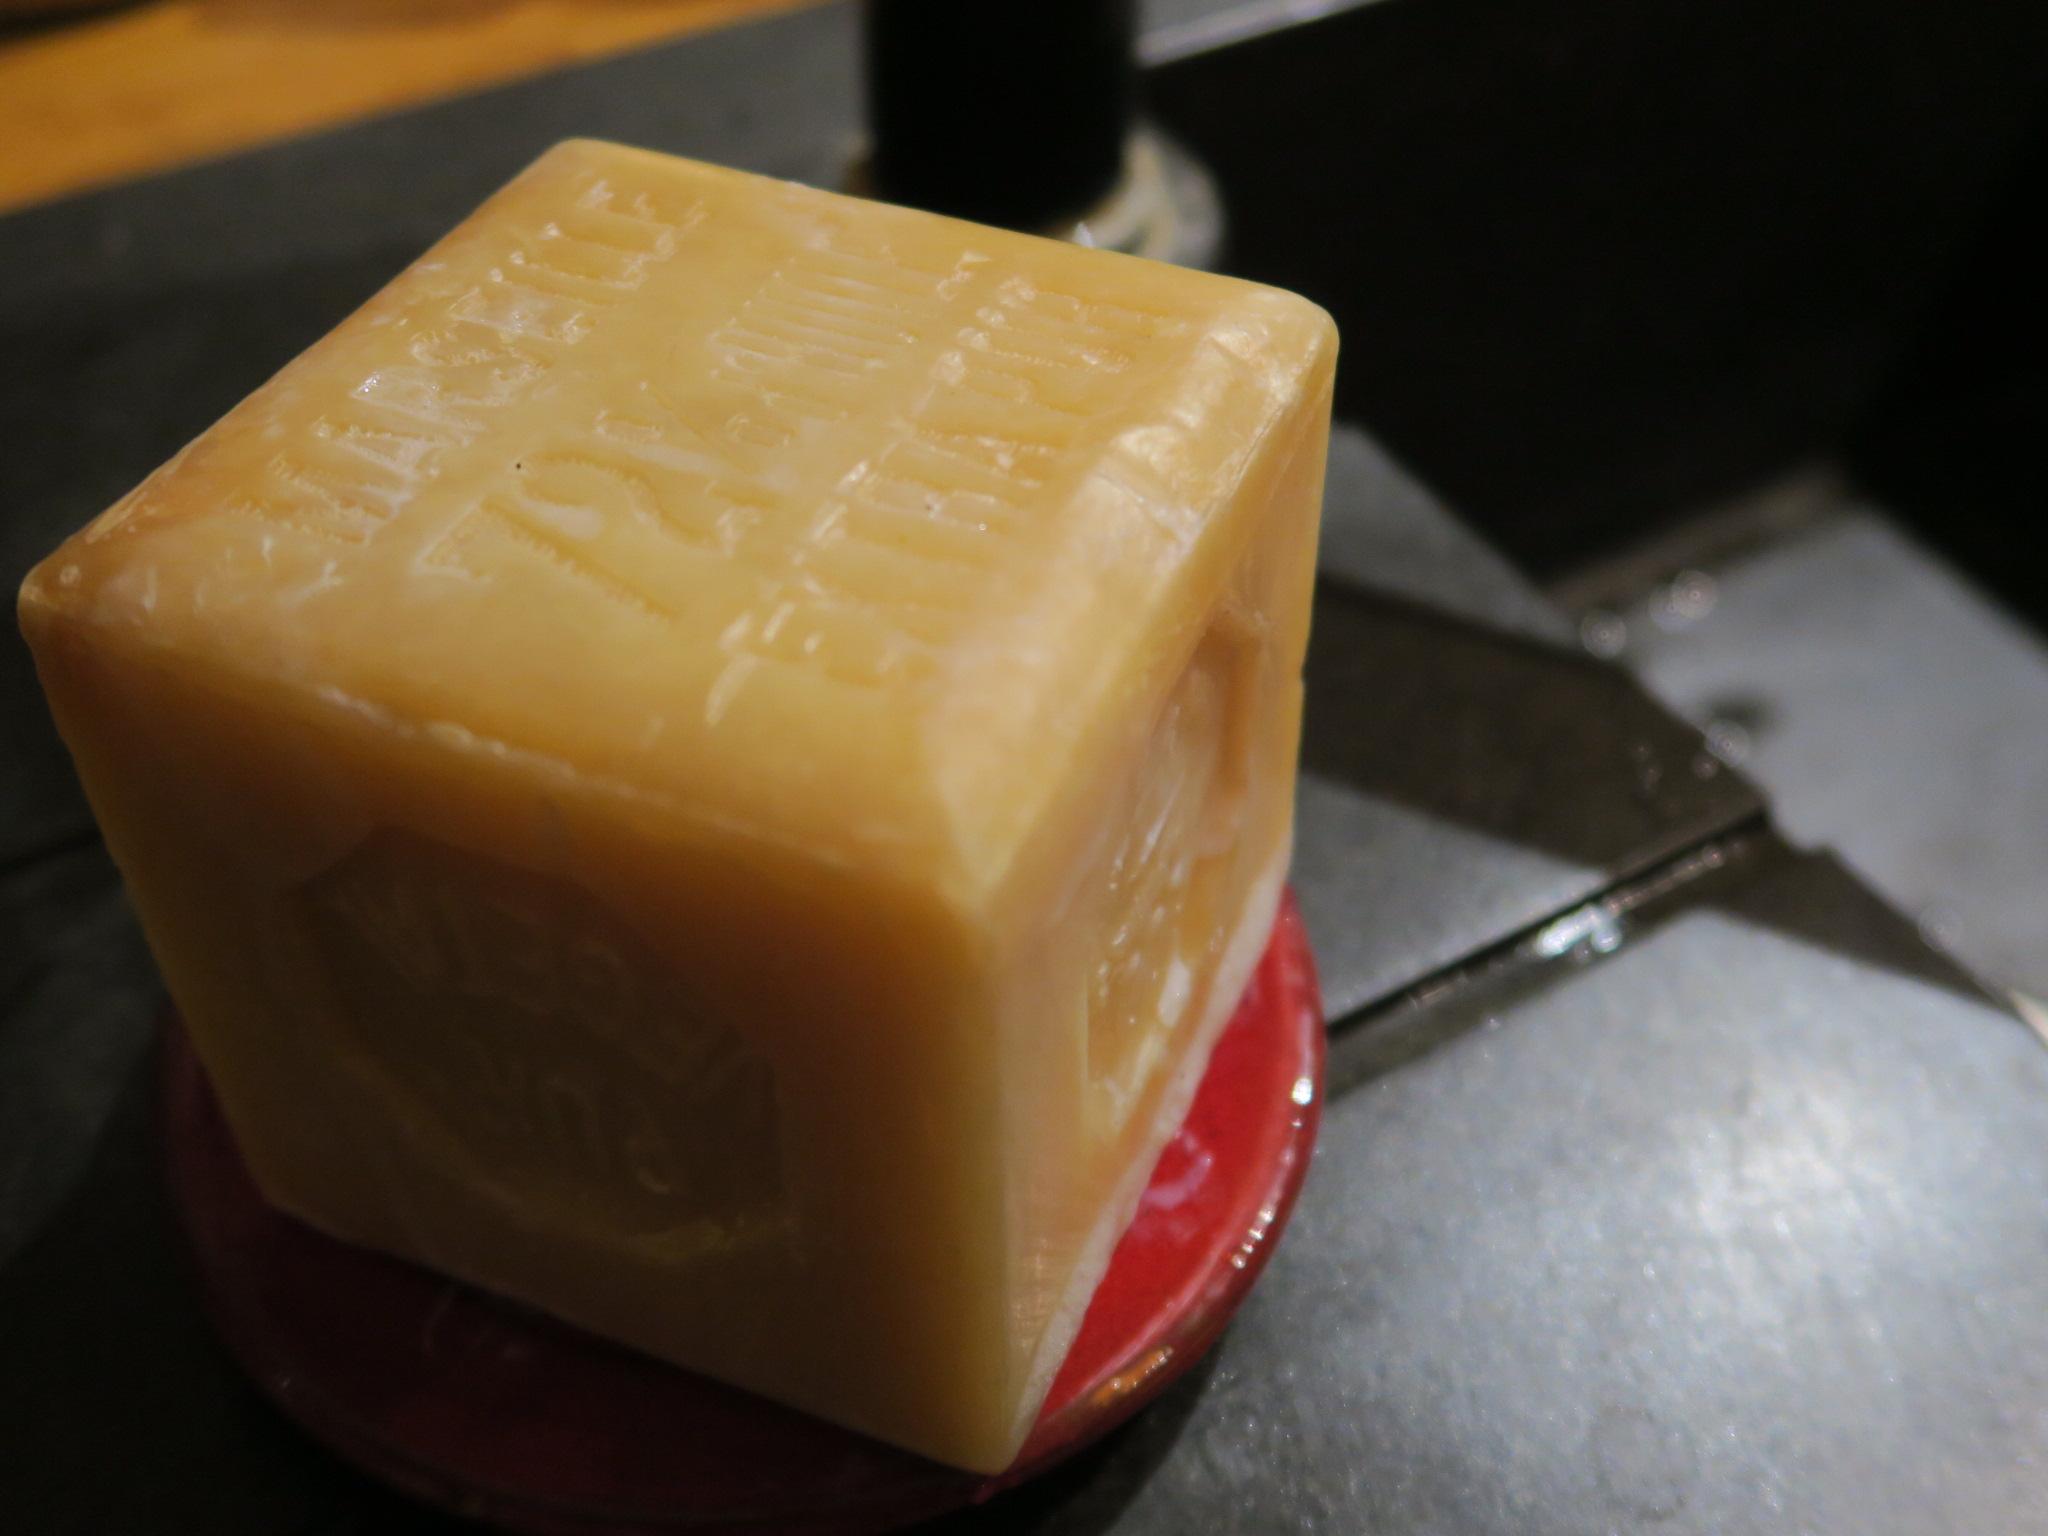 La recette magique du liquide vaisselle un seul ingr dient camille se lance - Recette liquide vaisselle maison moussant ...